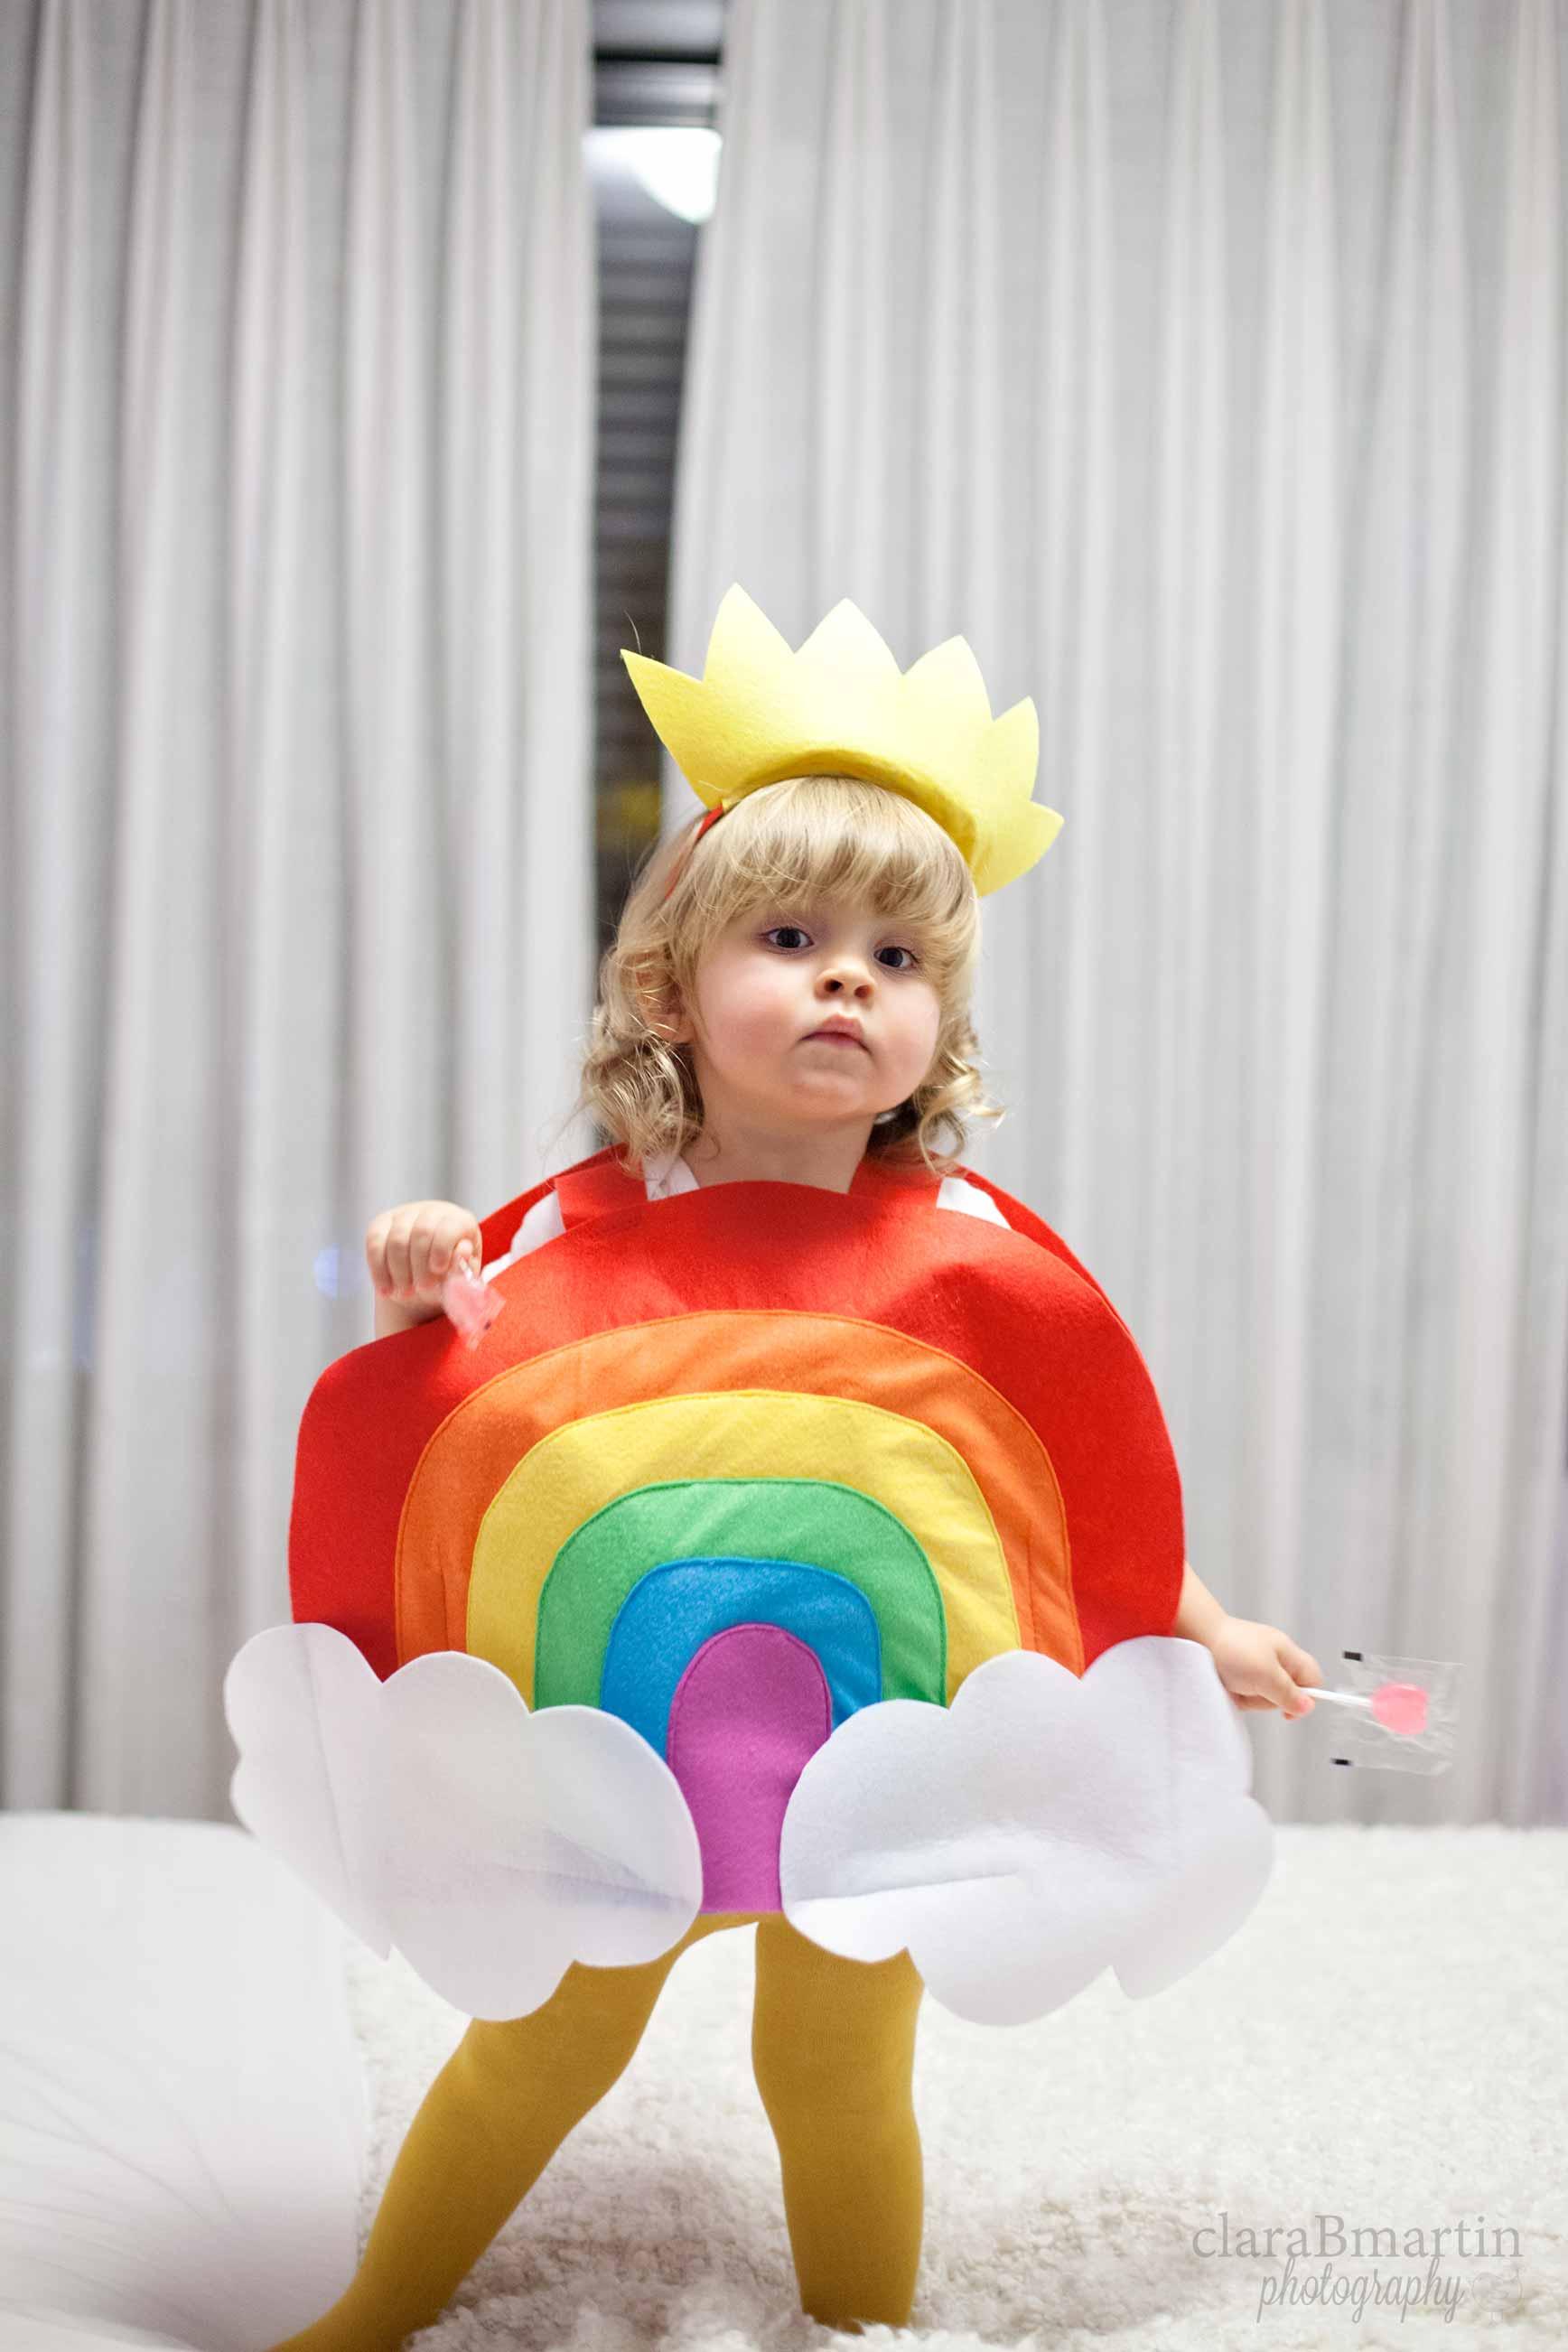 disfraz arcoiris-claraBmartin00